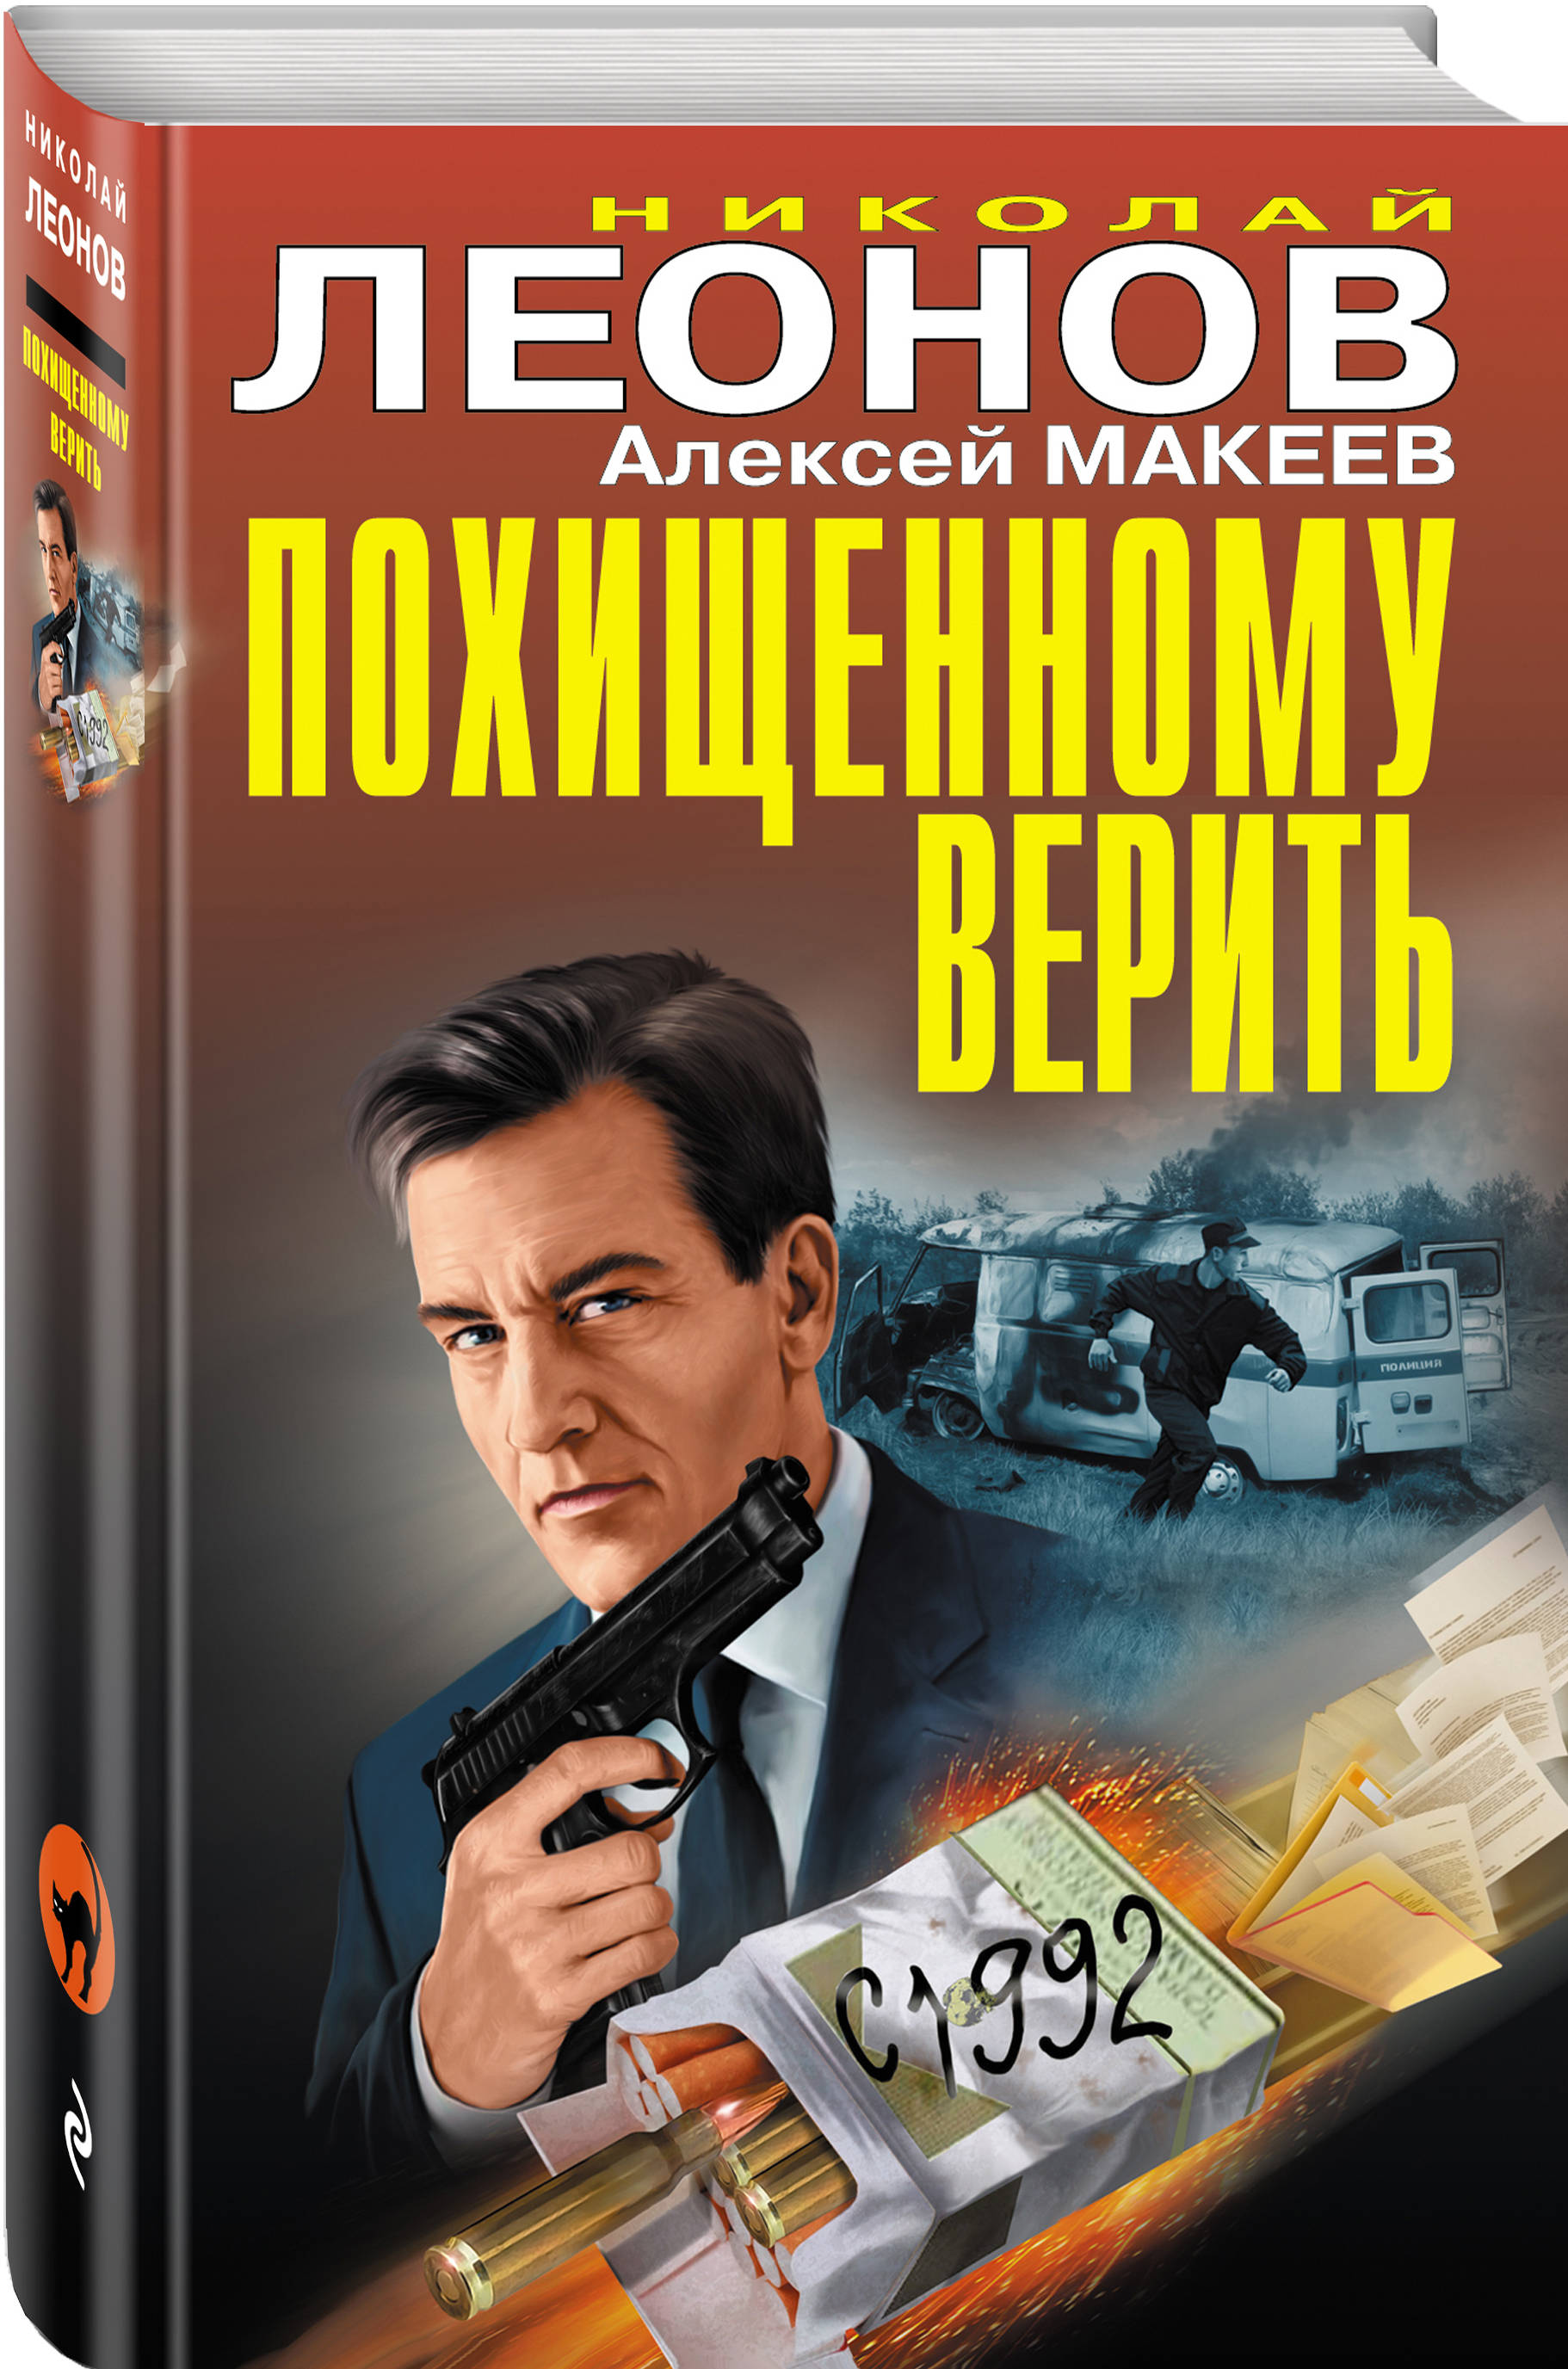 Николай Леонов, Алексей Макеев Похищенному верить все цены